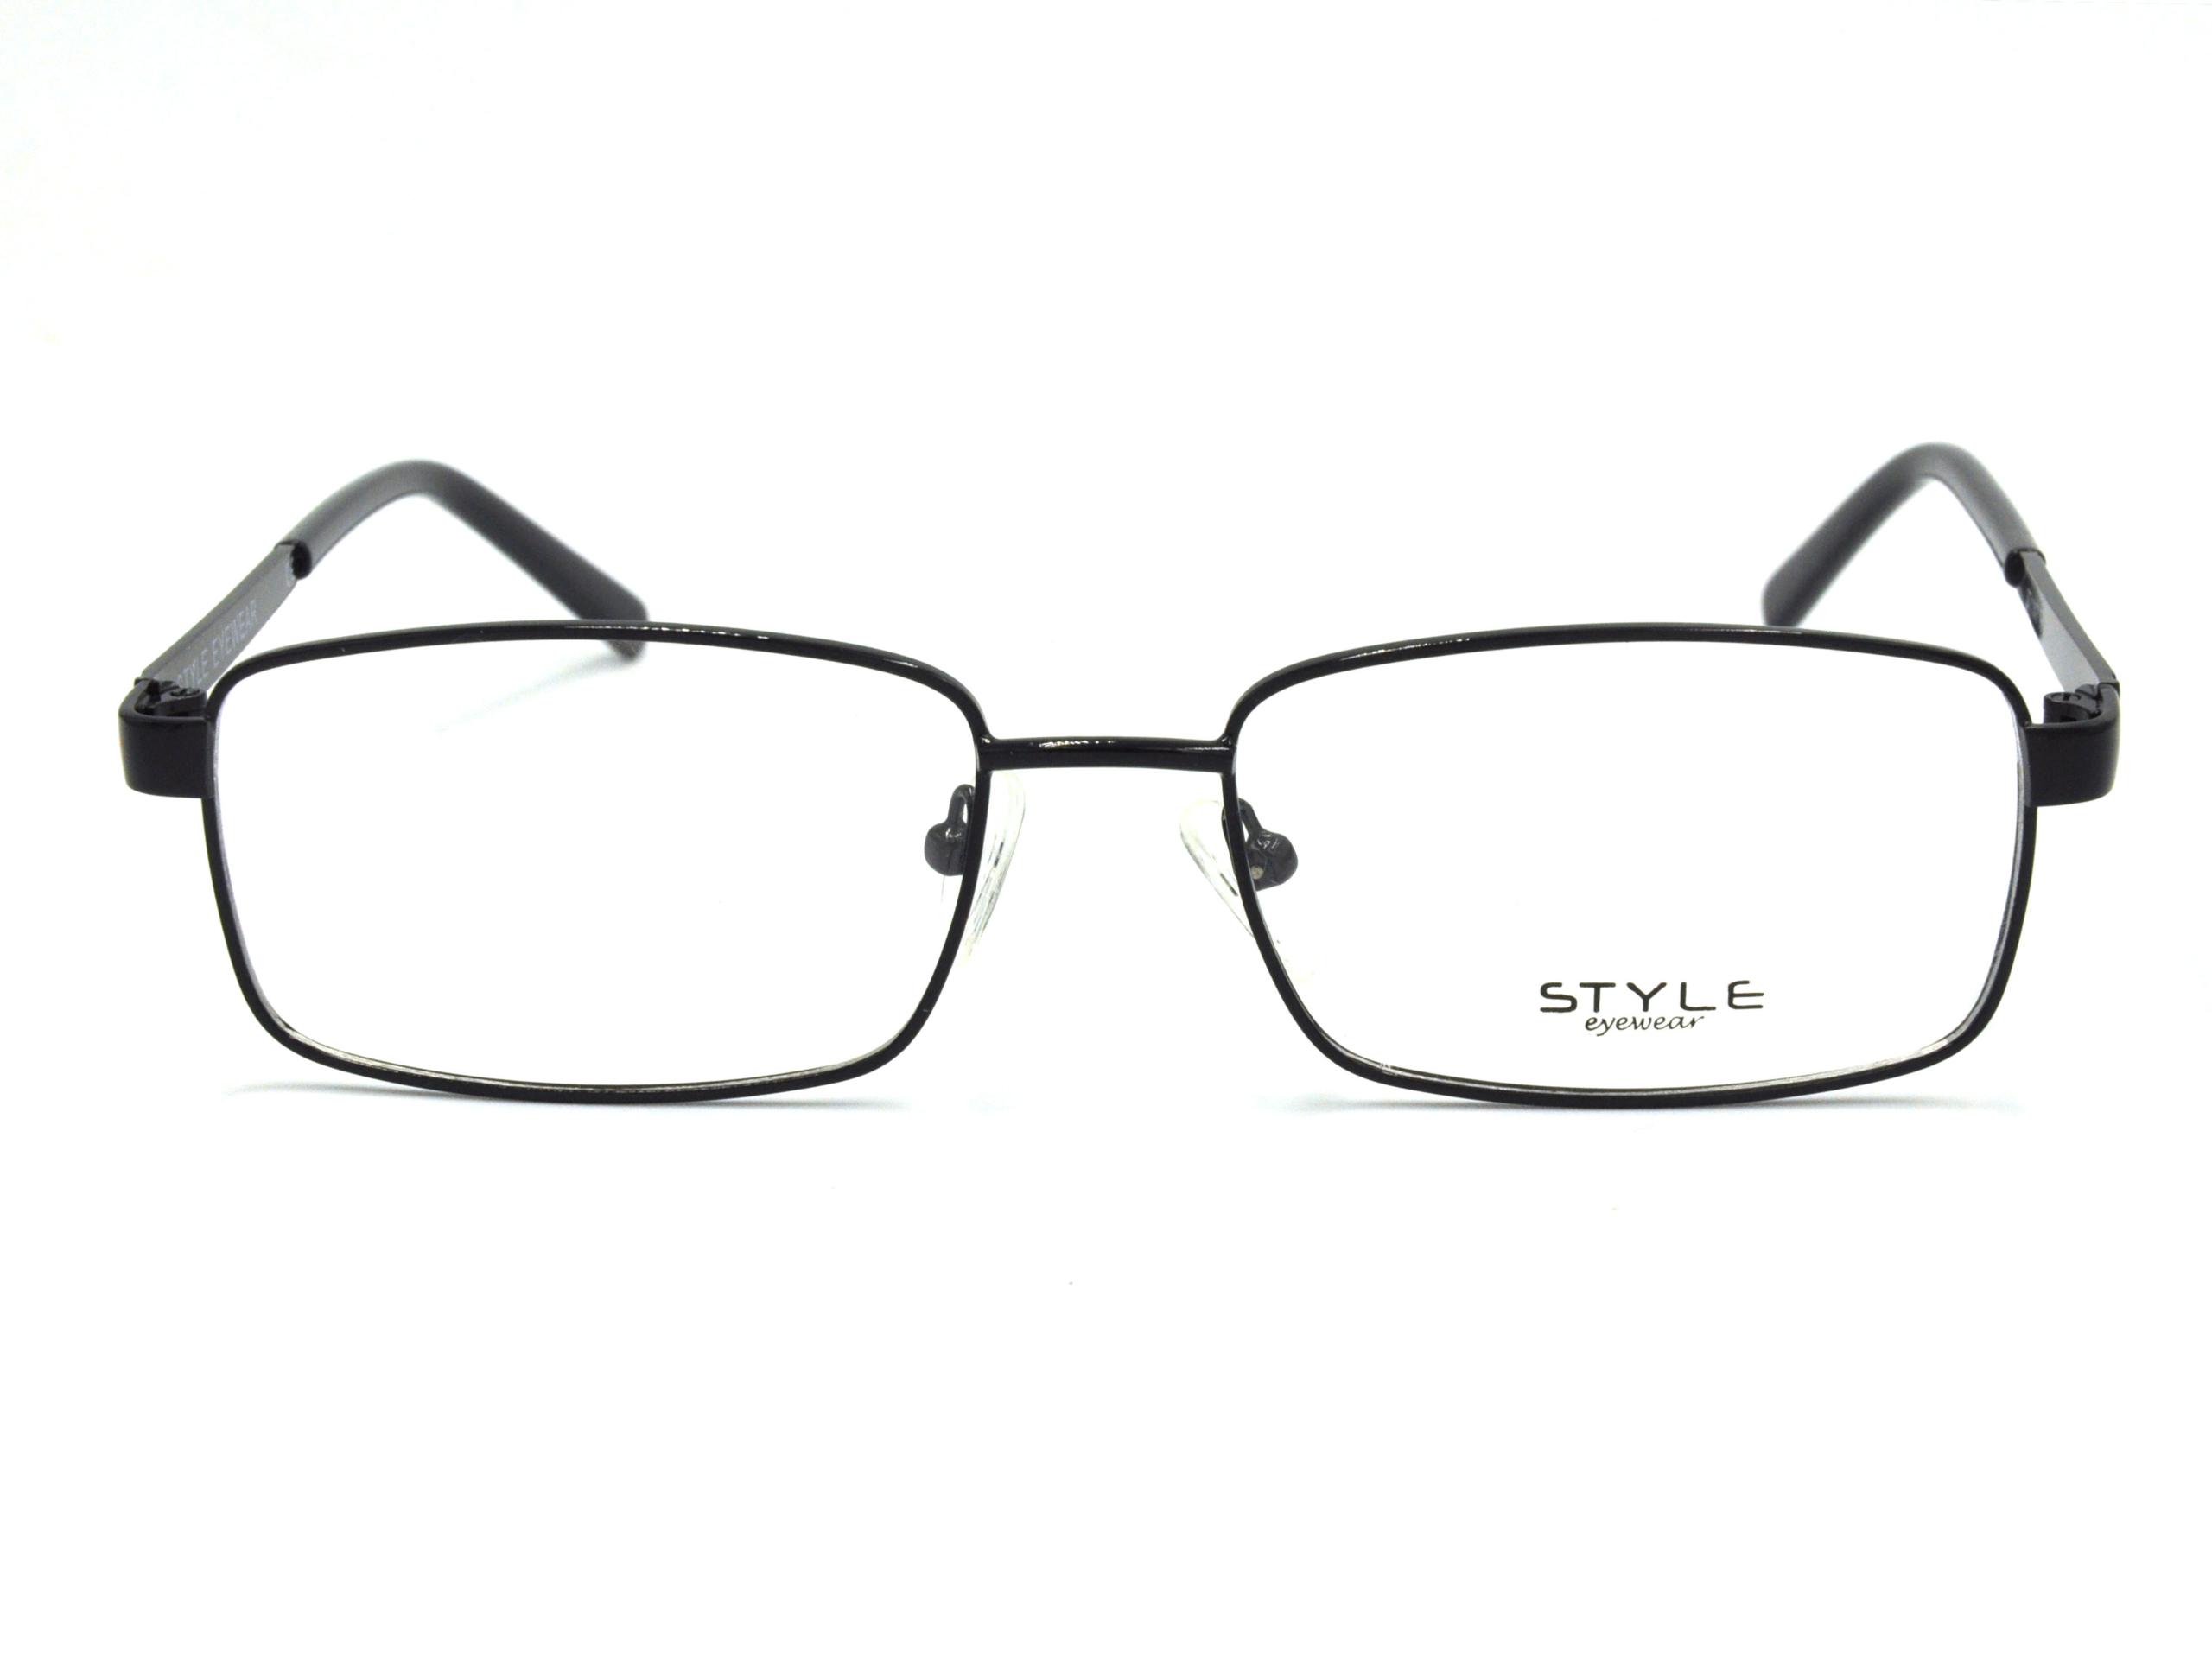 Γυαλιά οράσεως STYLE ST1117 HV13 53-16-140 Πειραιάς